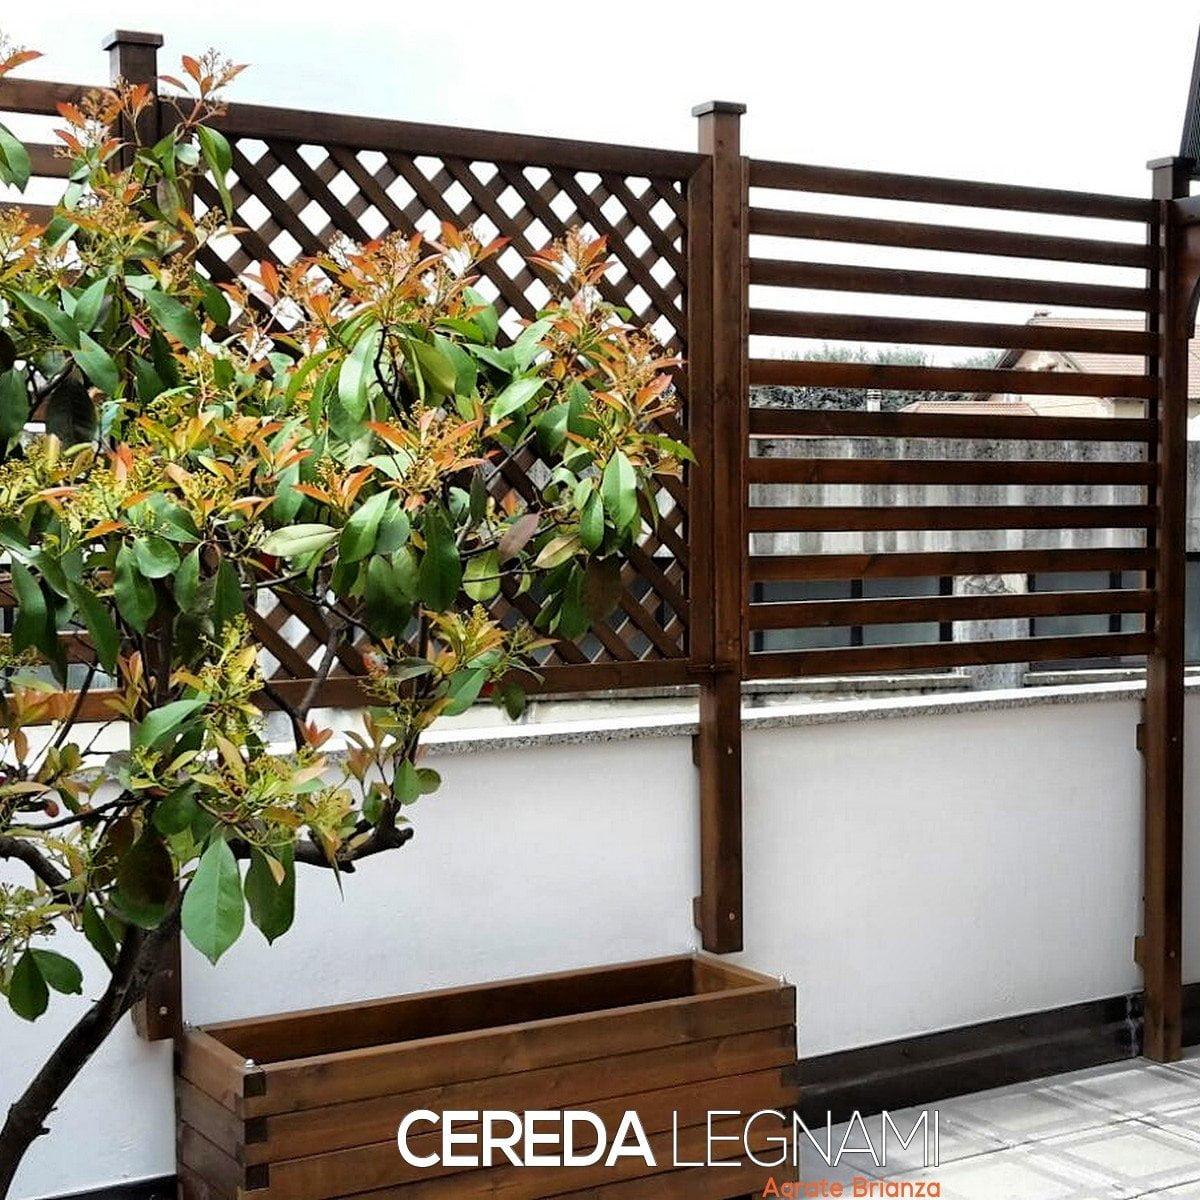 Grigliati di legno adatti epr dividere spazi, preservare privacy, coprire vista dai vicini. Legno di pino per esterno.